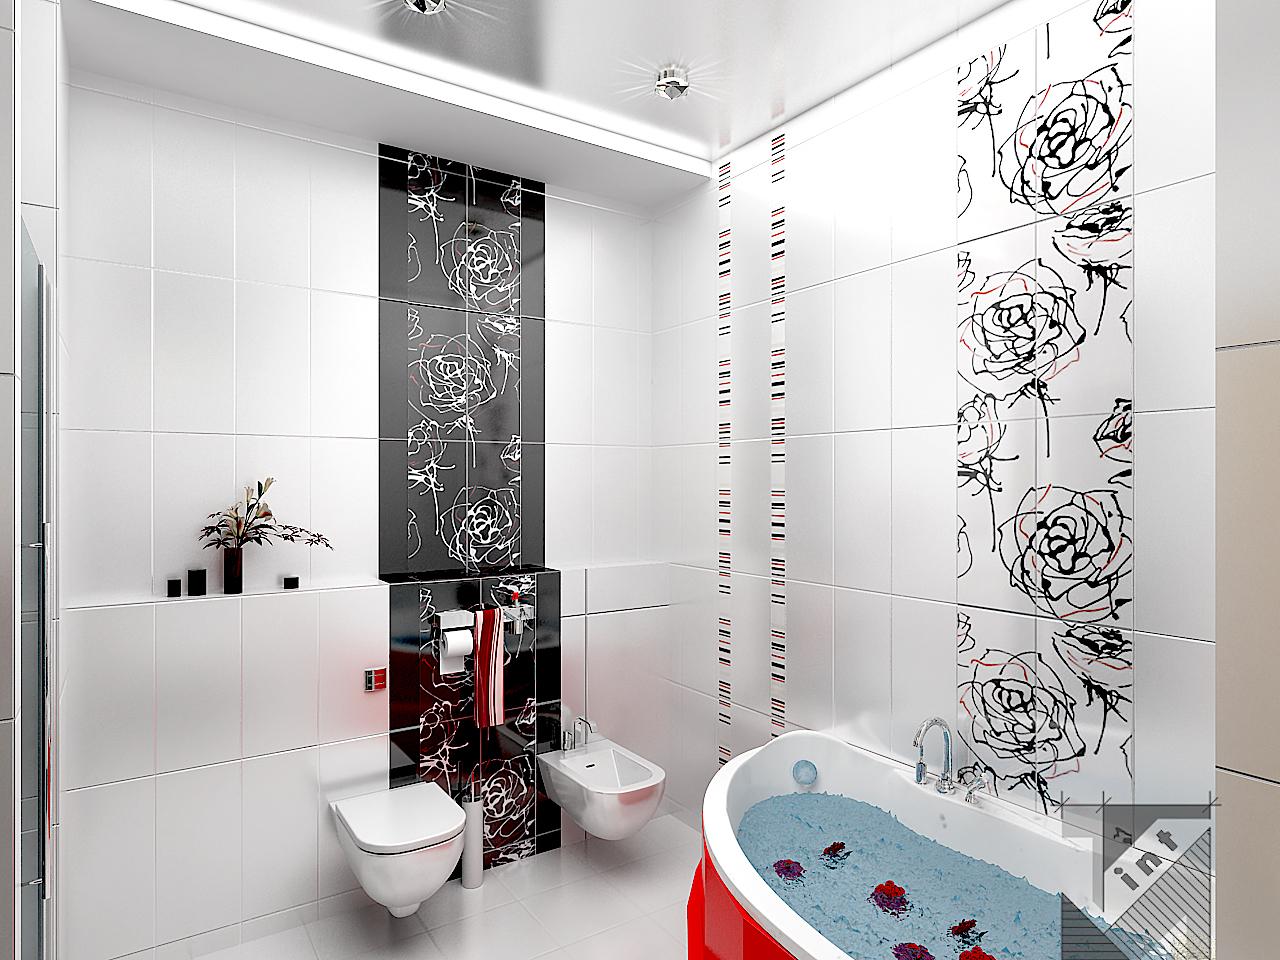 Фото ванной комнаты из плитки с цветами